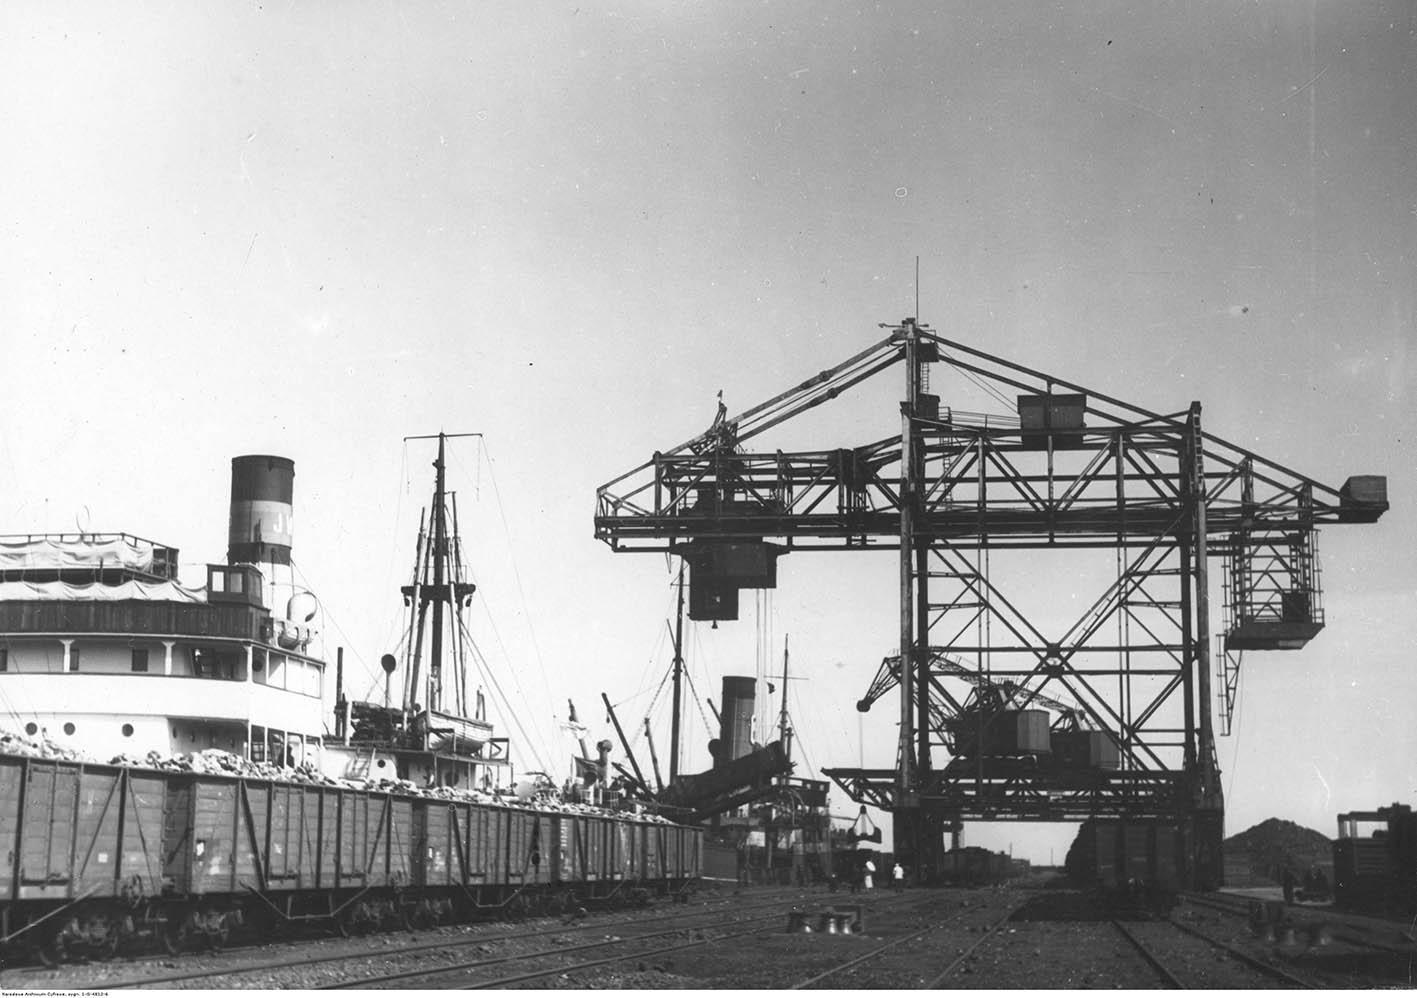 Dźwig portowy i wagony kolejowe na nabrzeżu szwedzkim.